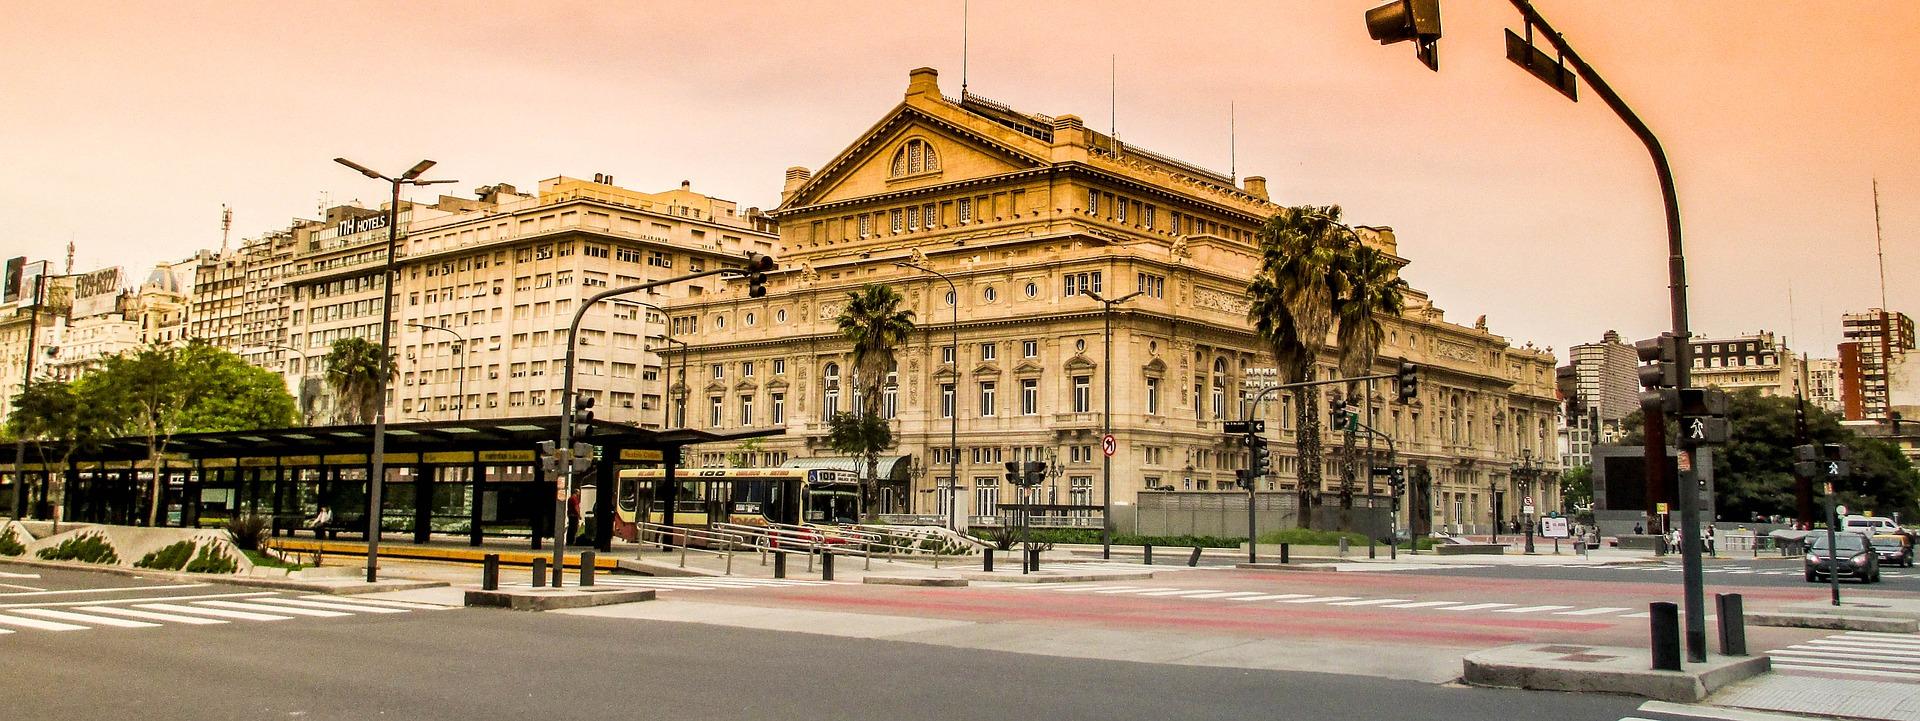 Curtir o cenário estilo europeu de Buenos Aires é uma sugestão para o feriado do Carnaval